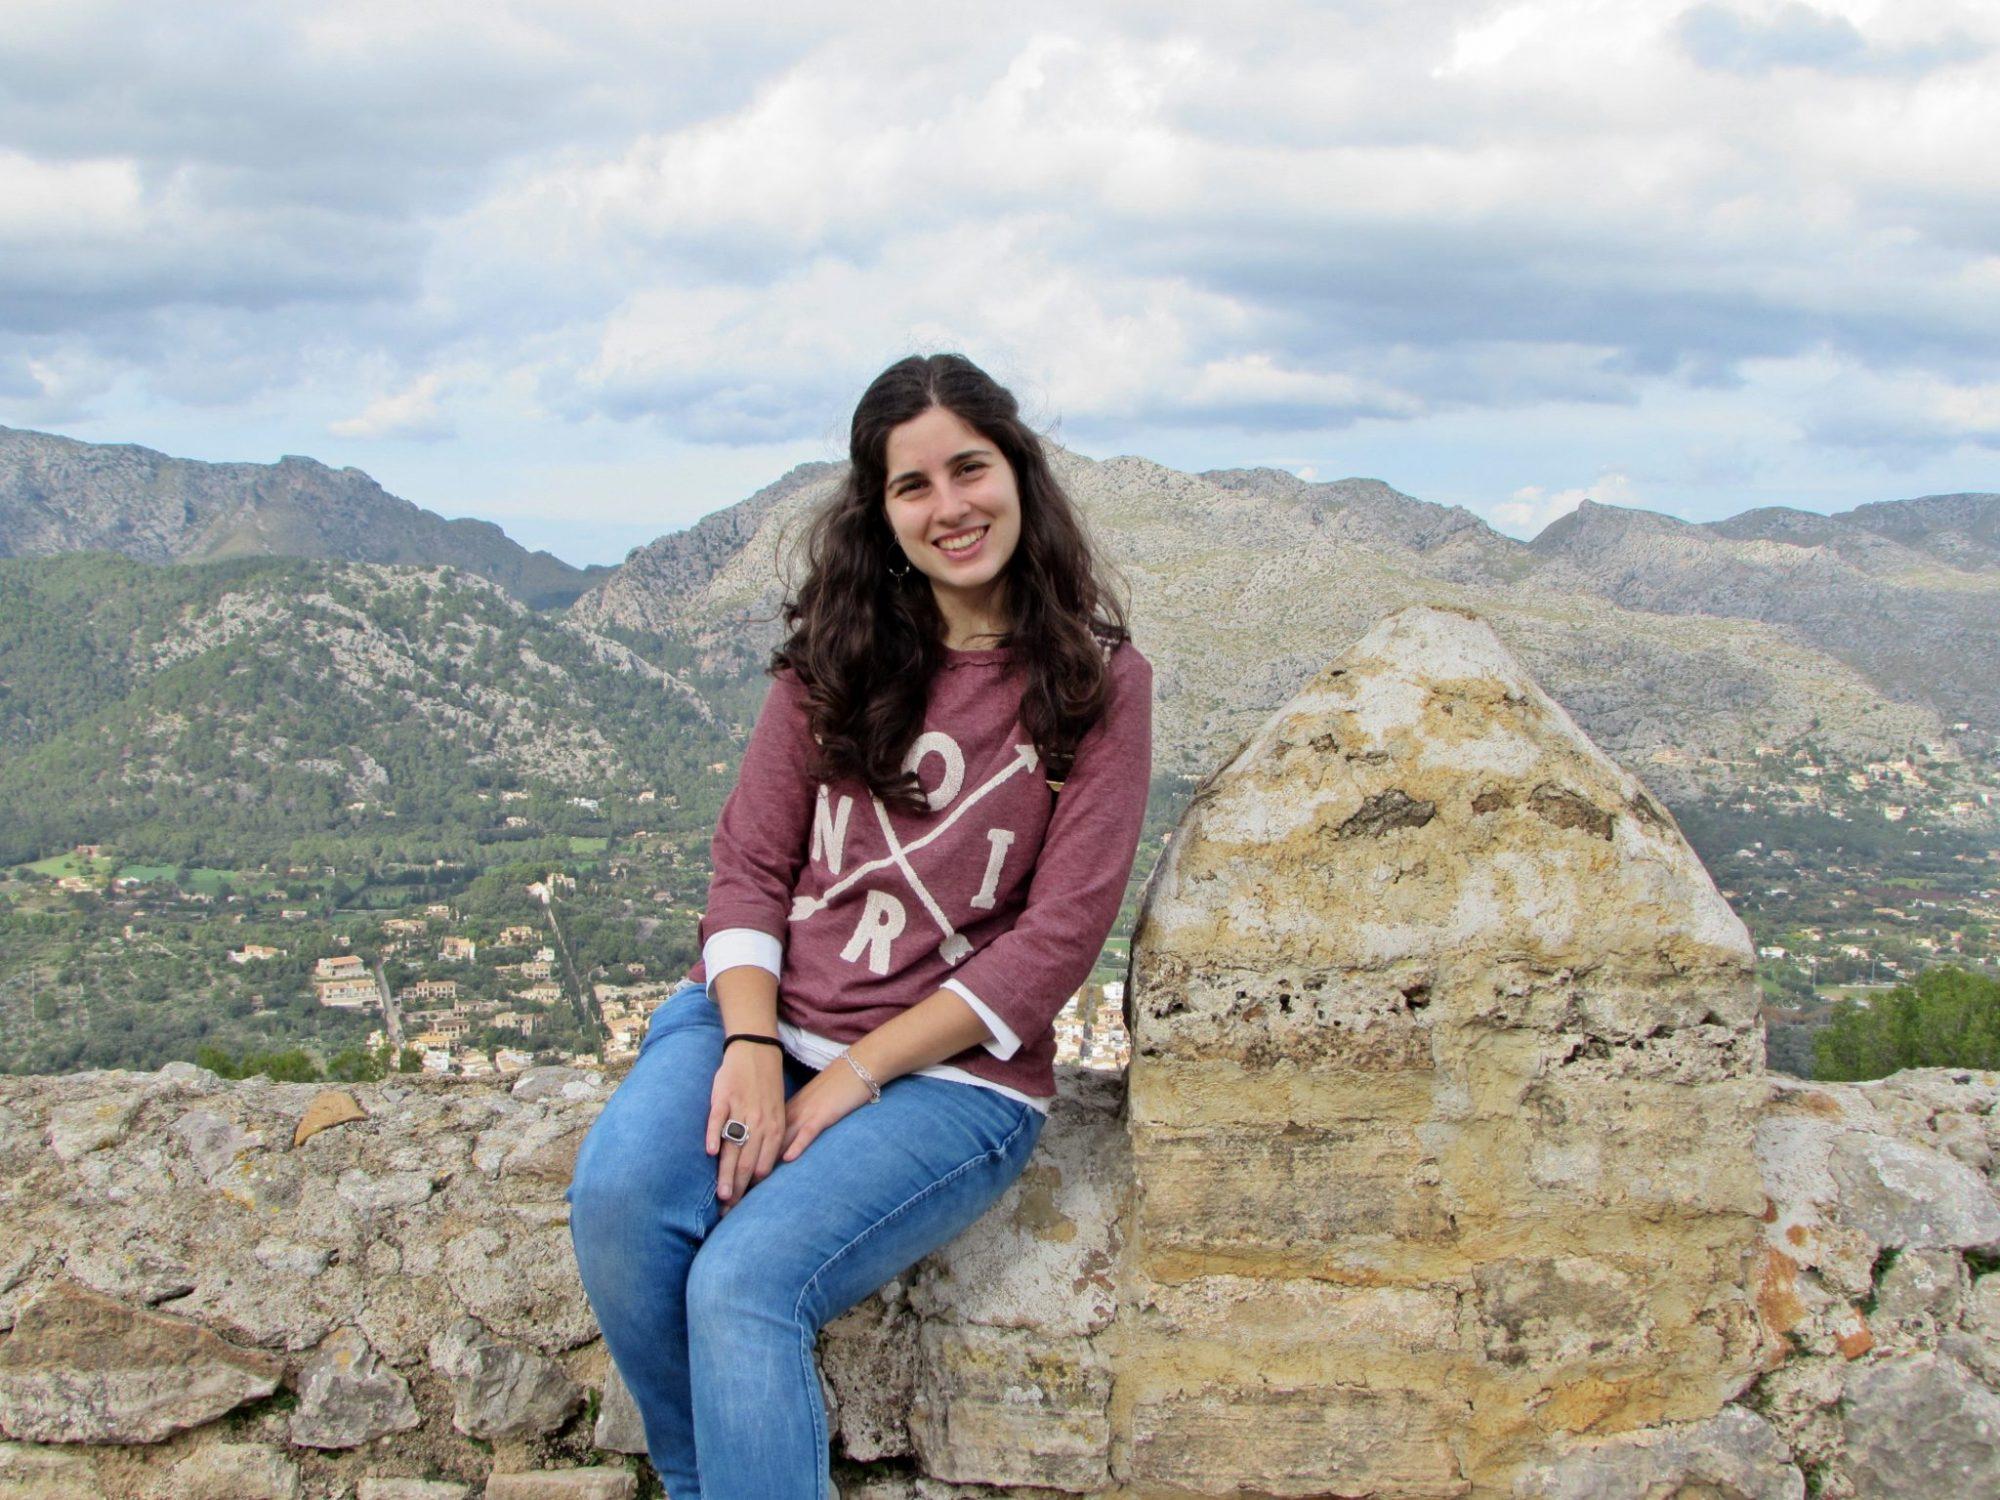 El Discreto Encanto de Viajar- Excursión al Puig de Maria